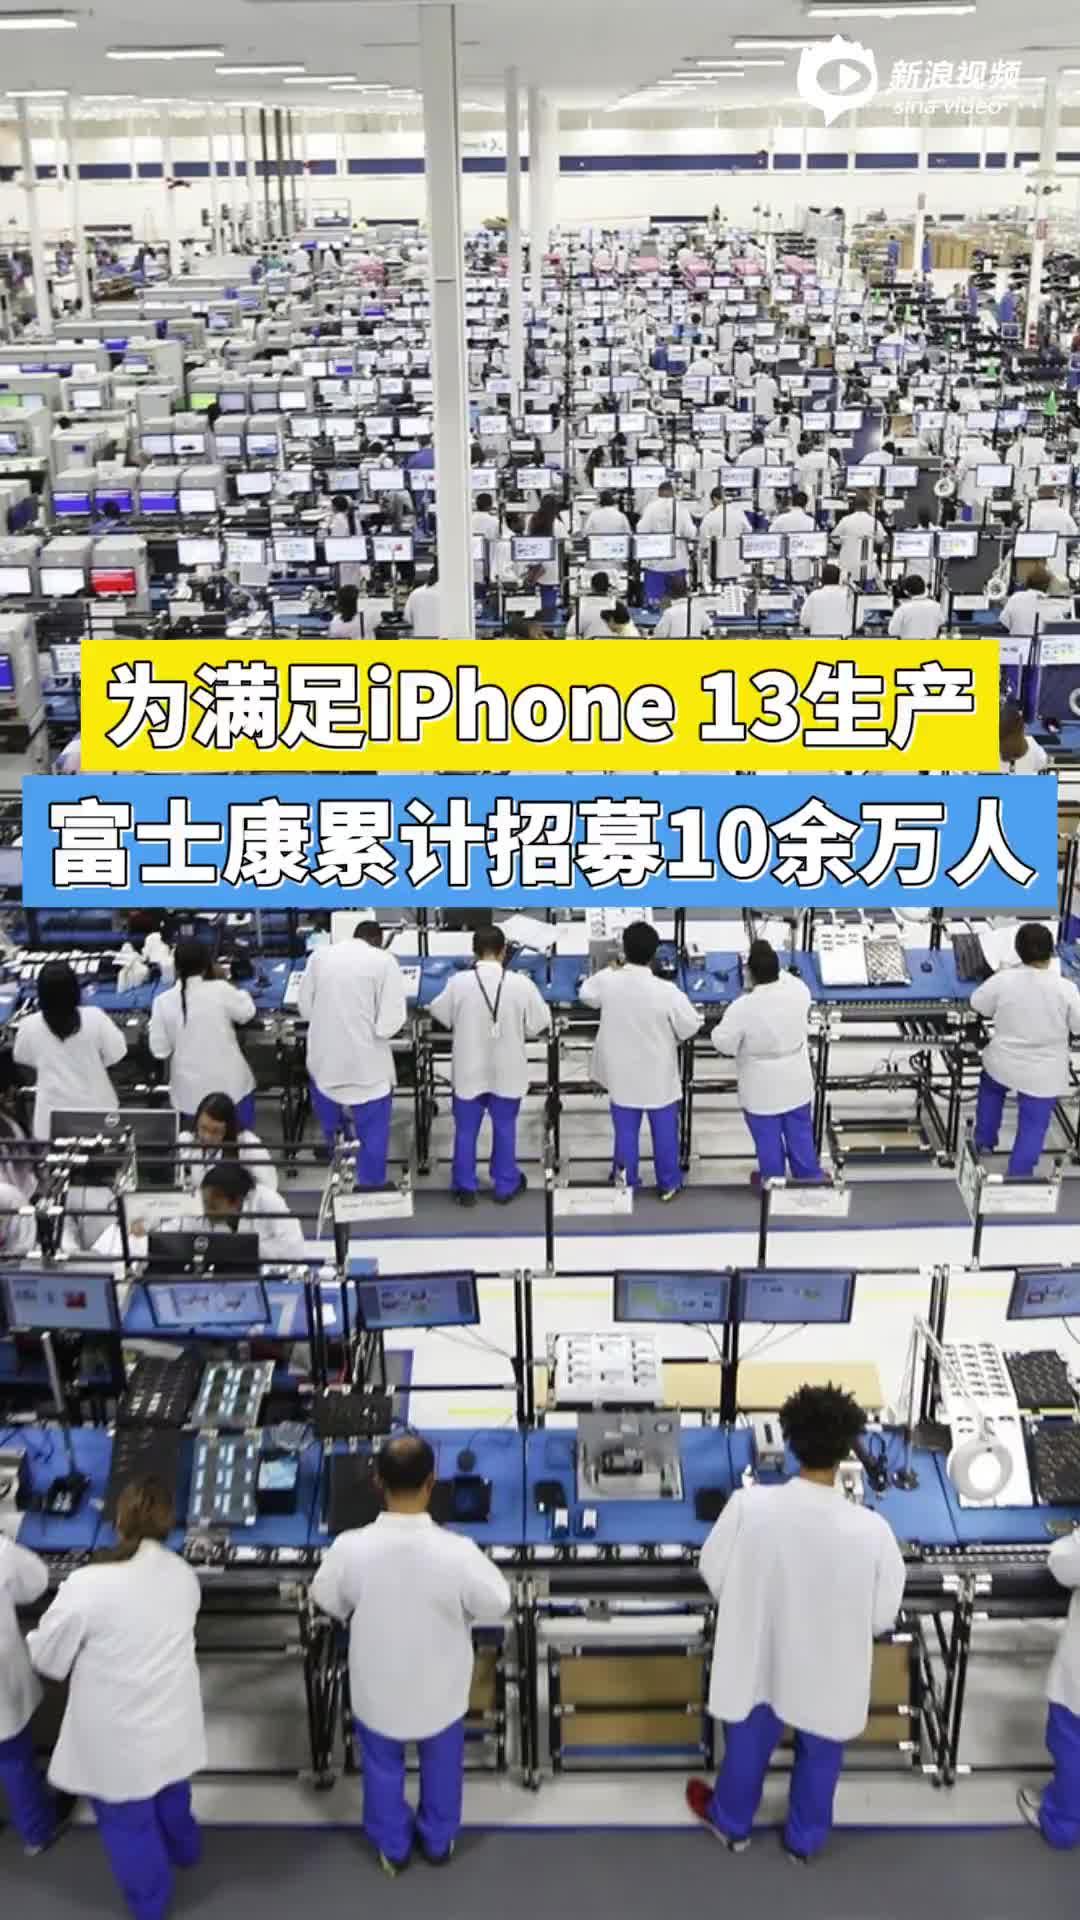 为满足iPhone13生产,富士康累计招募10余万人